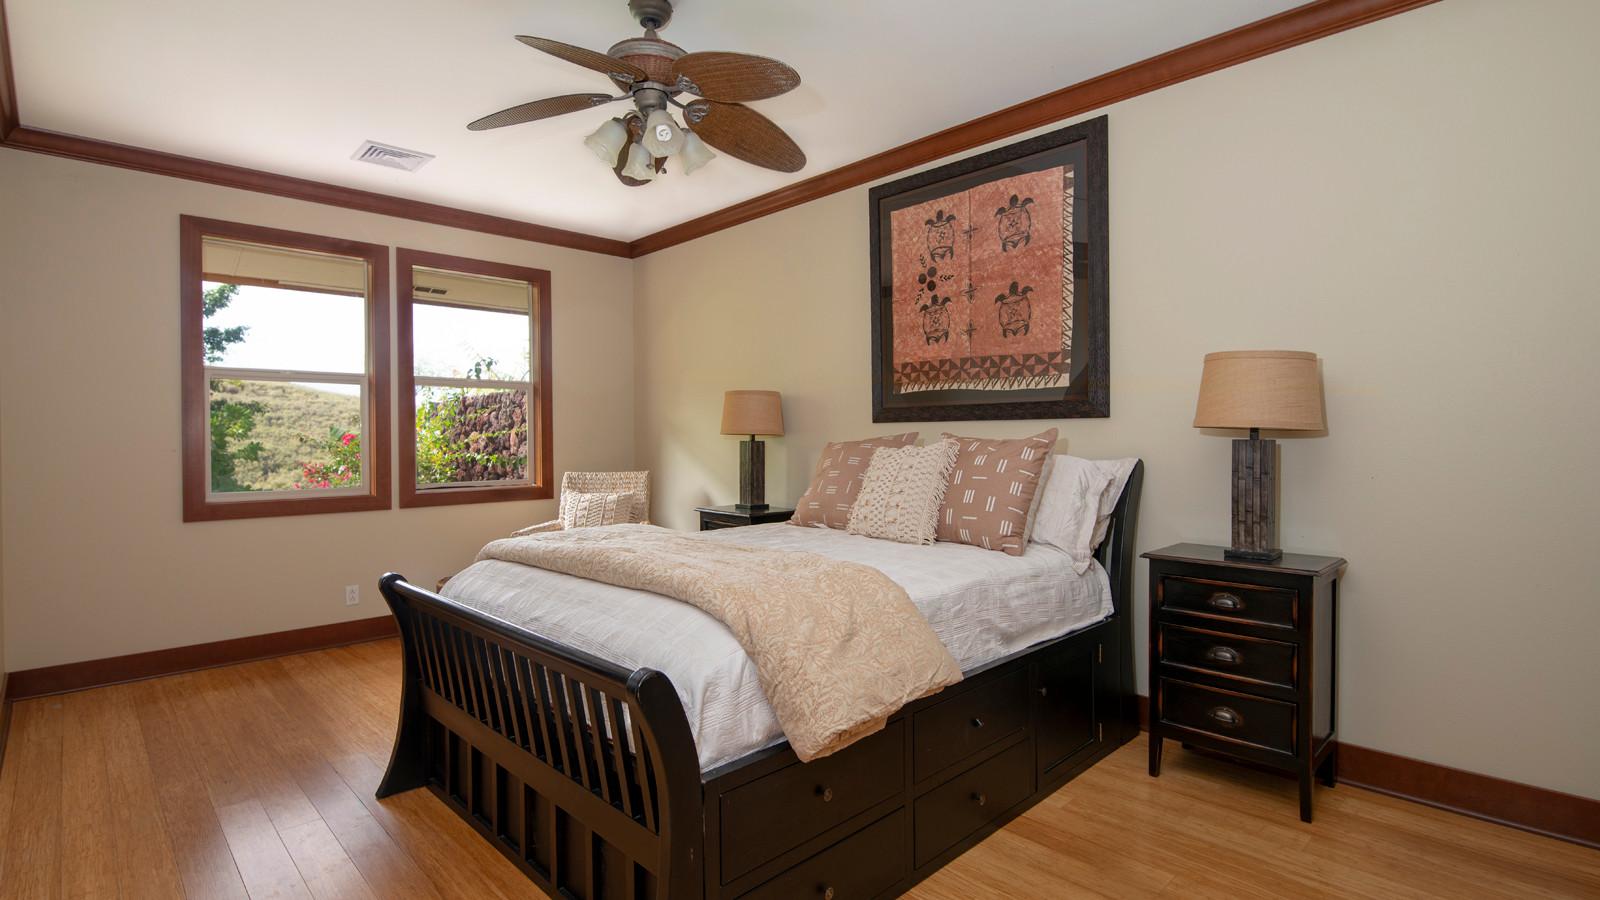 22-2nd bedroom.jpg